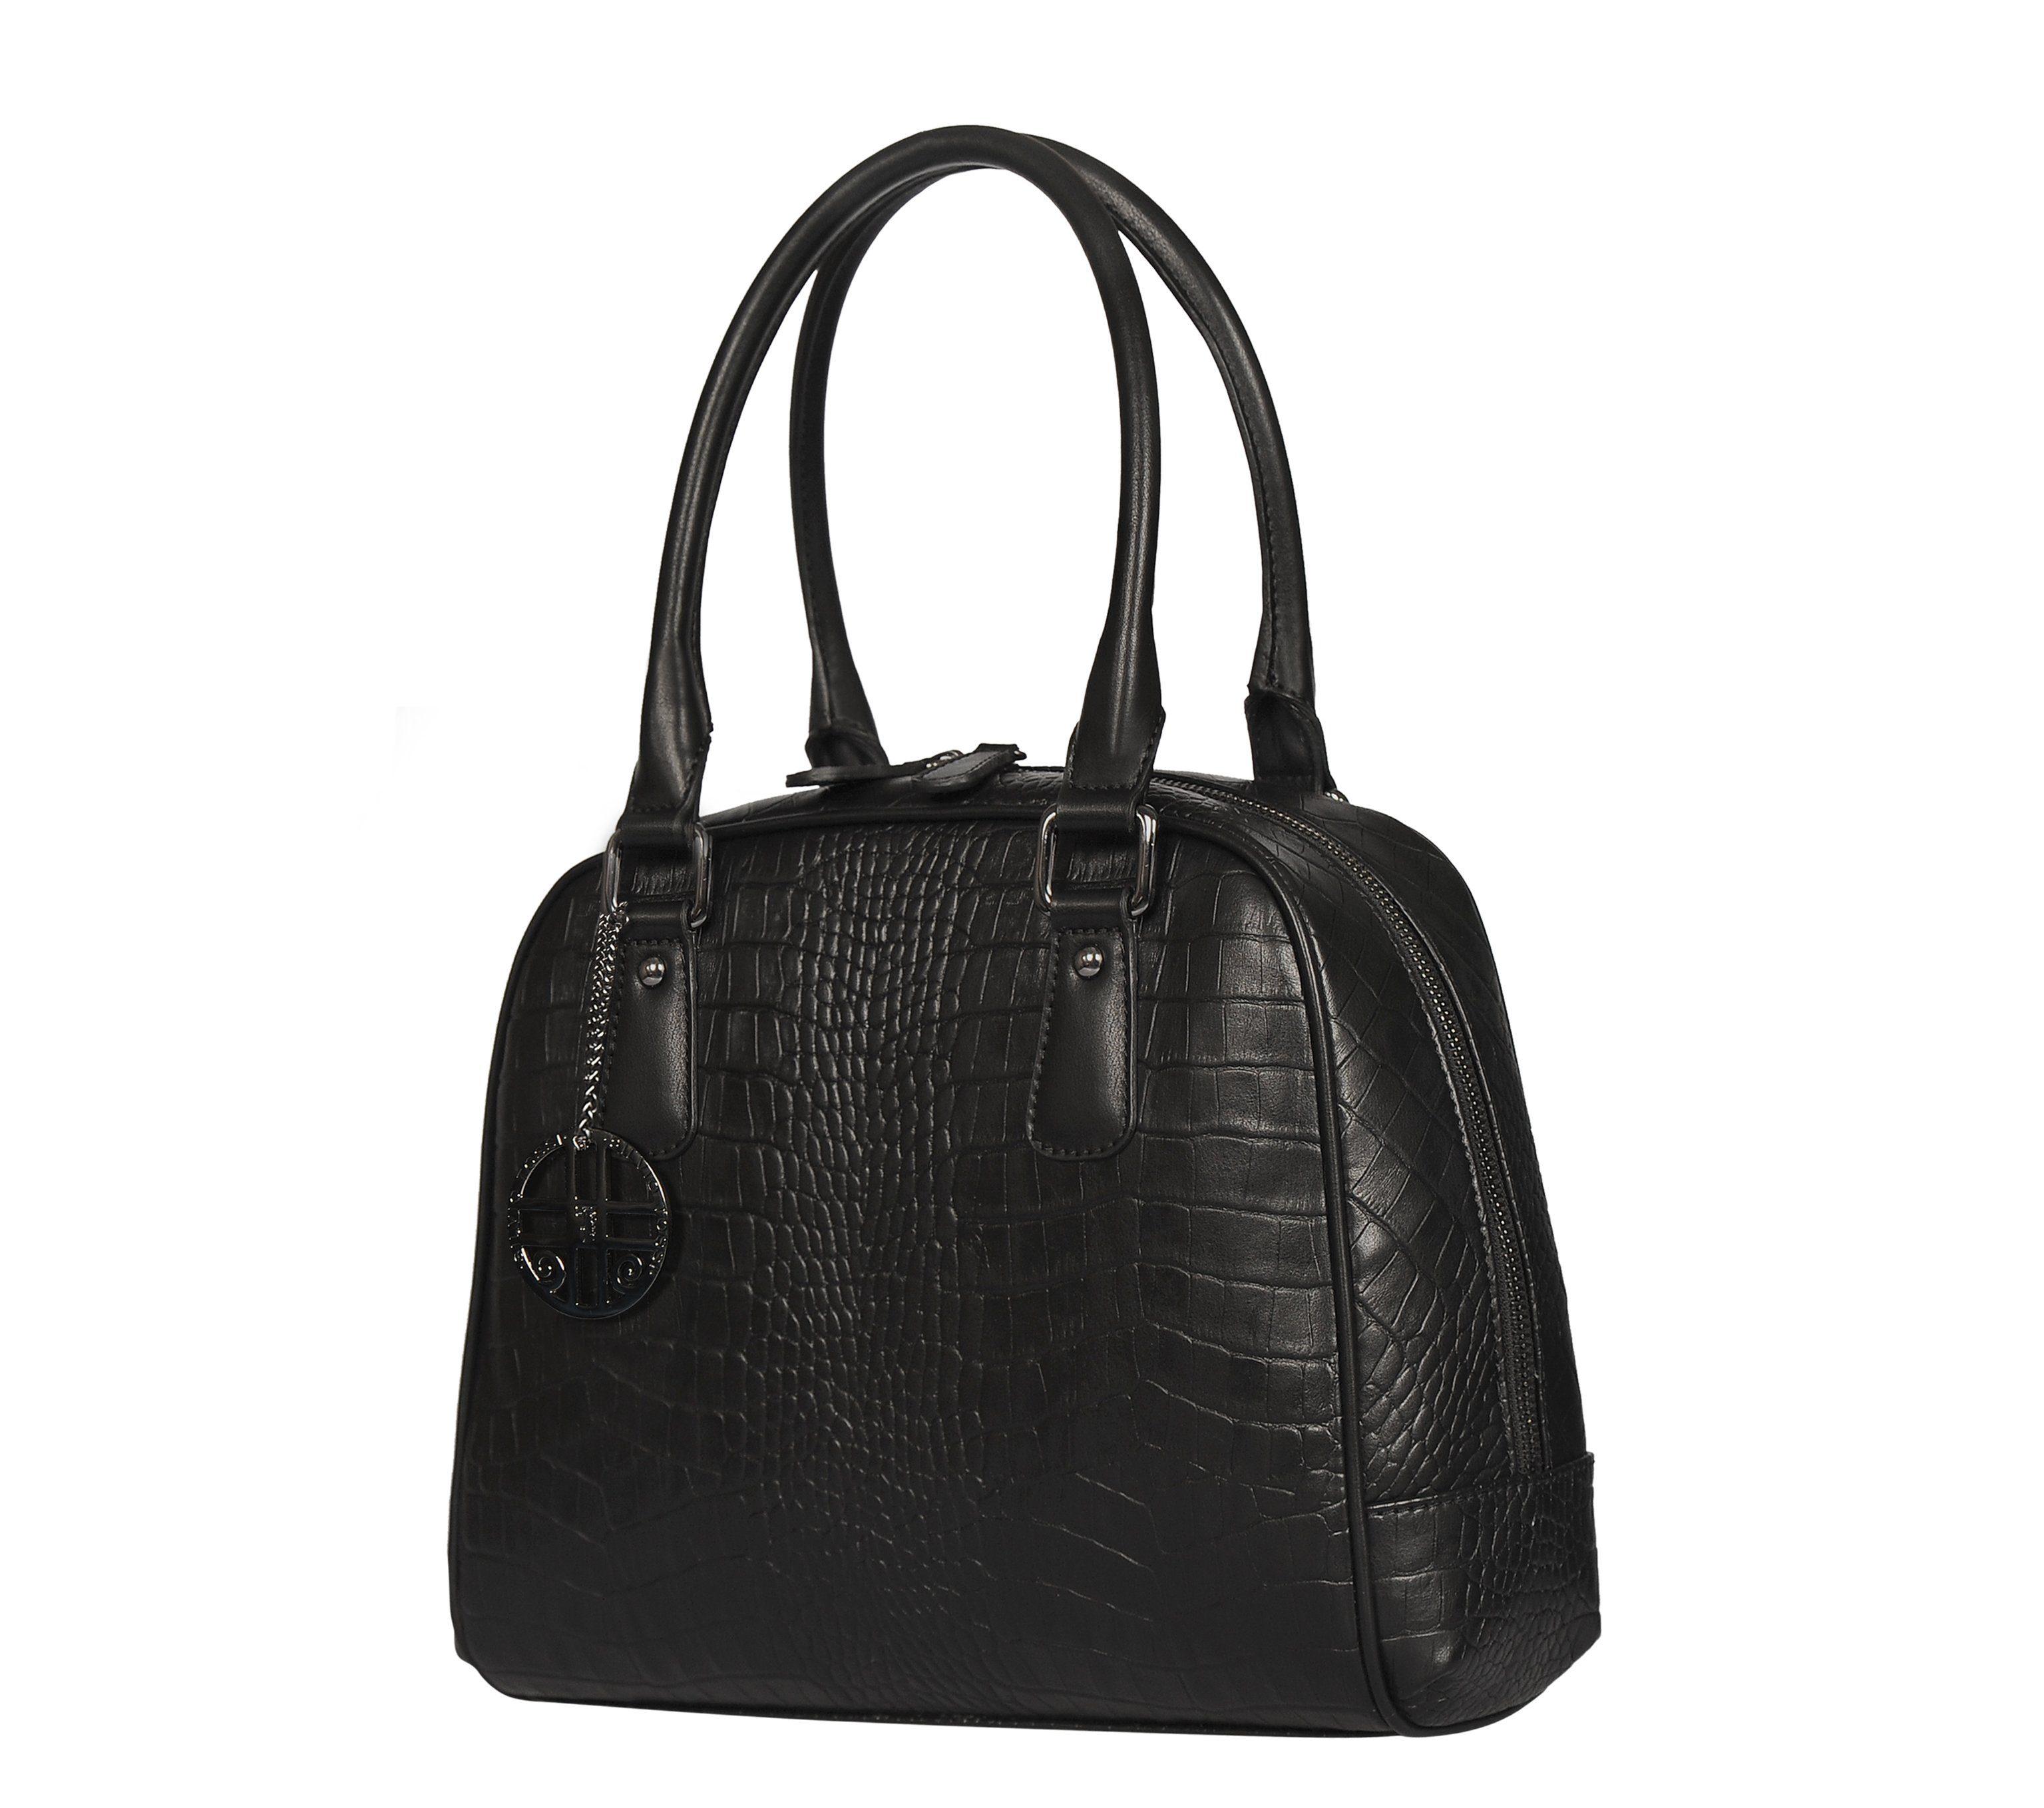 Silvio Tossi Handtasche mit Schutzschicht